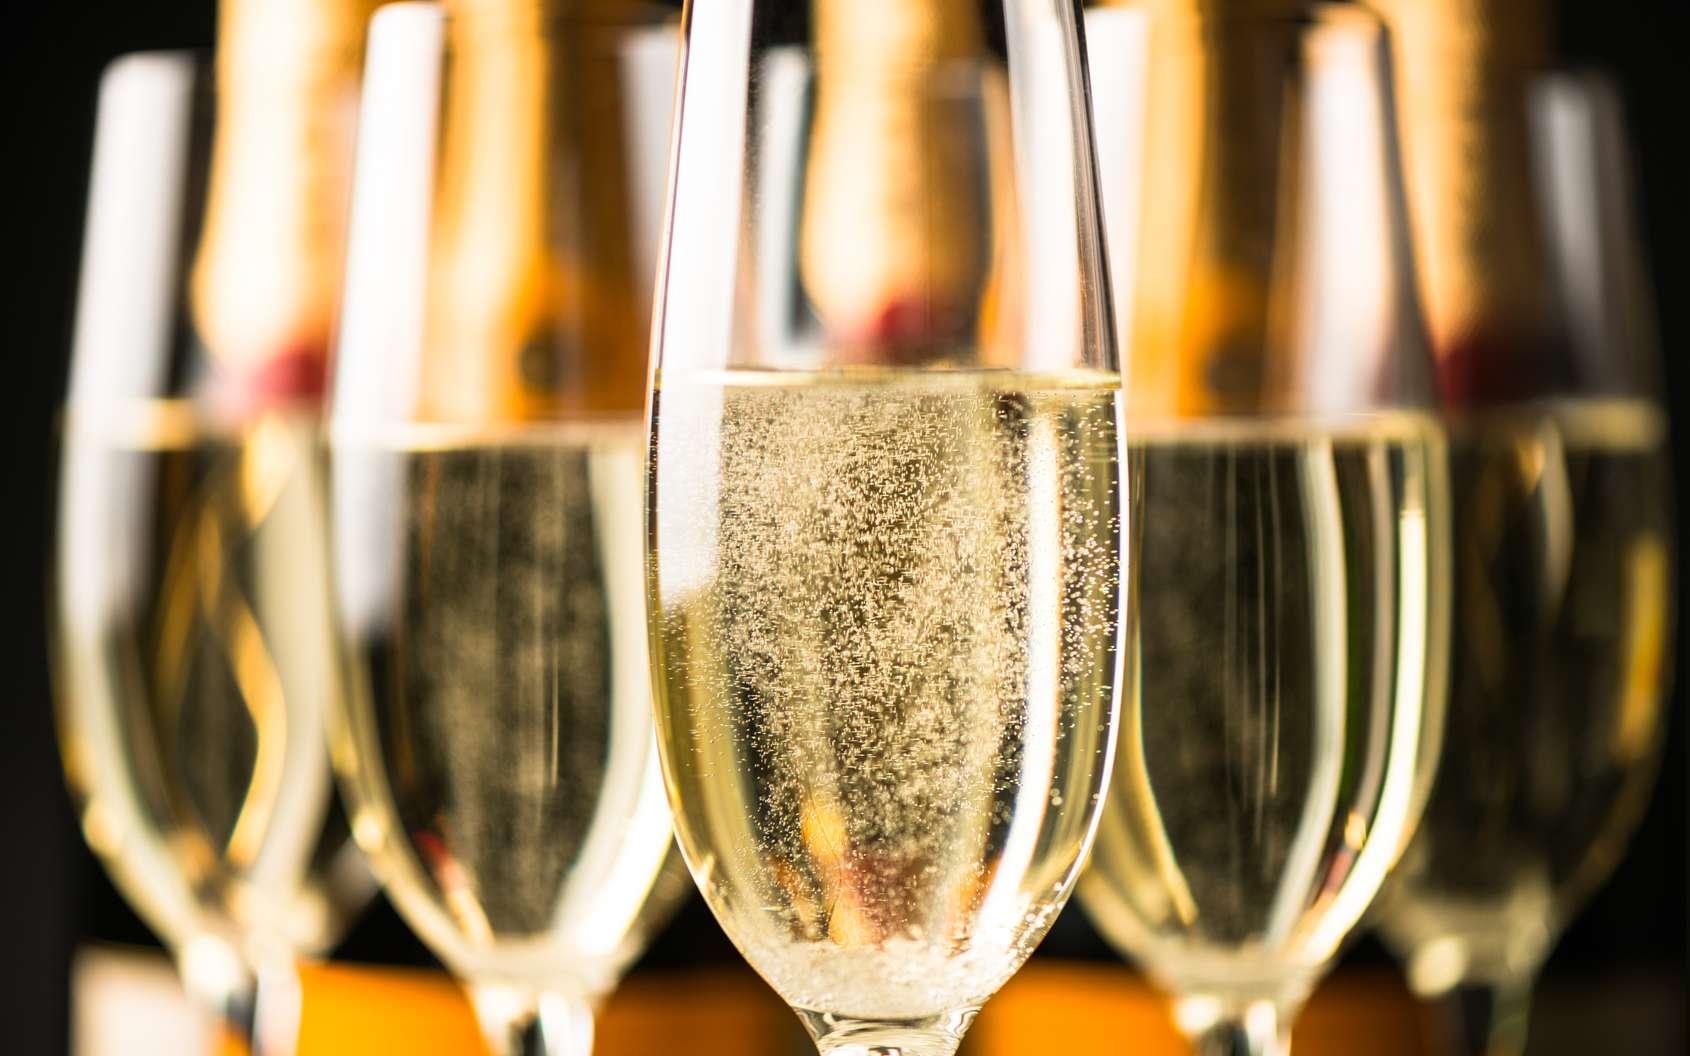 Une coupe de champagne de 0,1 litre libère environ 20 millions de bulles. © Eric Hood, fotolia